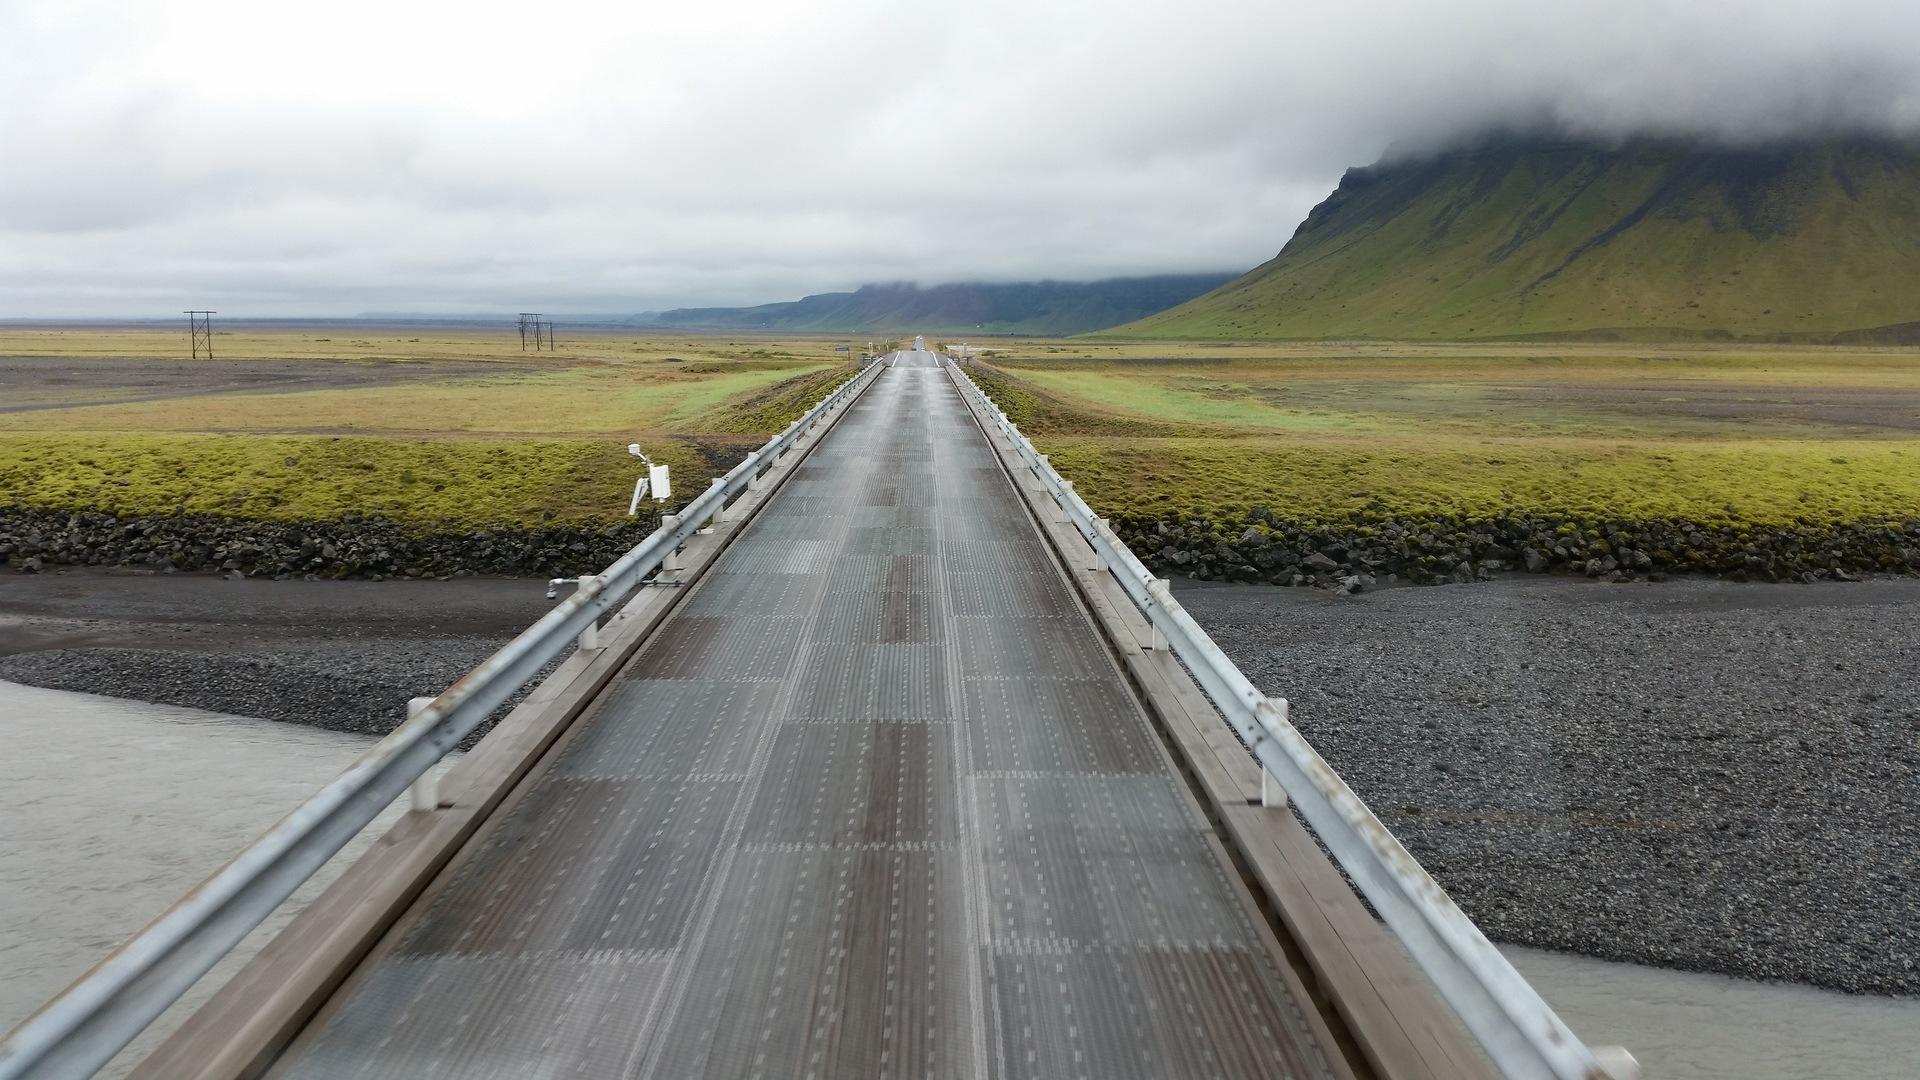 17 août : de quelque part sur la piste 939 à Kirkjubæjarklaustur